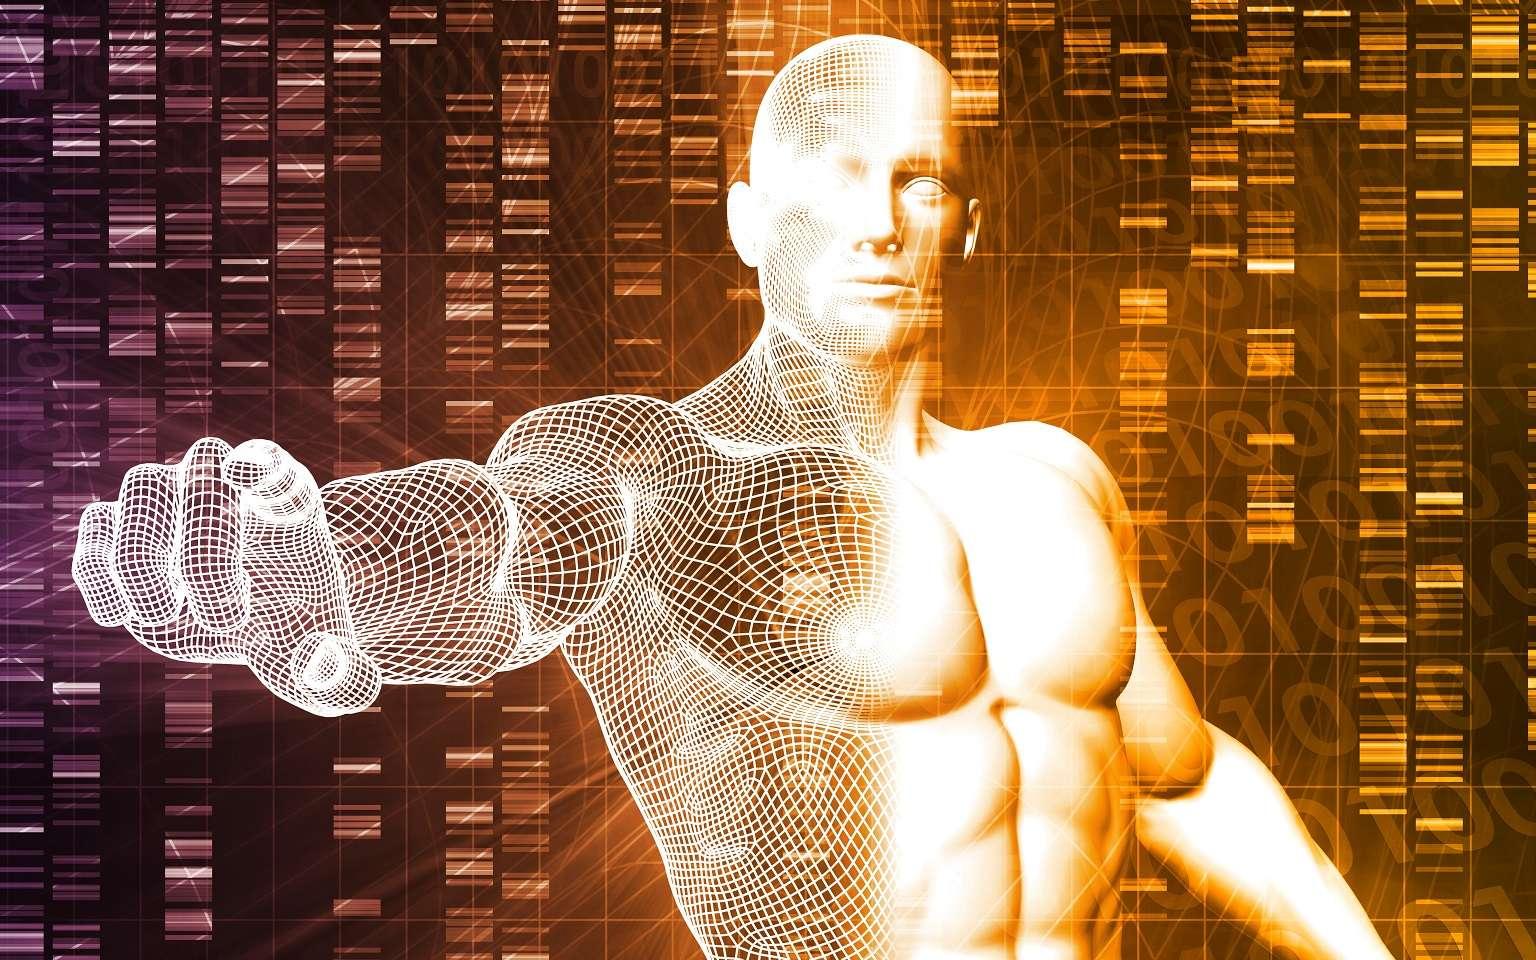 Les treize « super-héros » de la génétique sont restés en bonne santé malgré un pronostic génétique peu favorable. © kentoh, Shutterstock